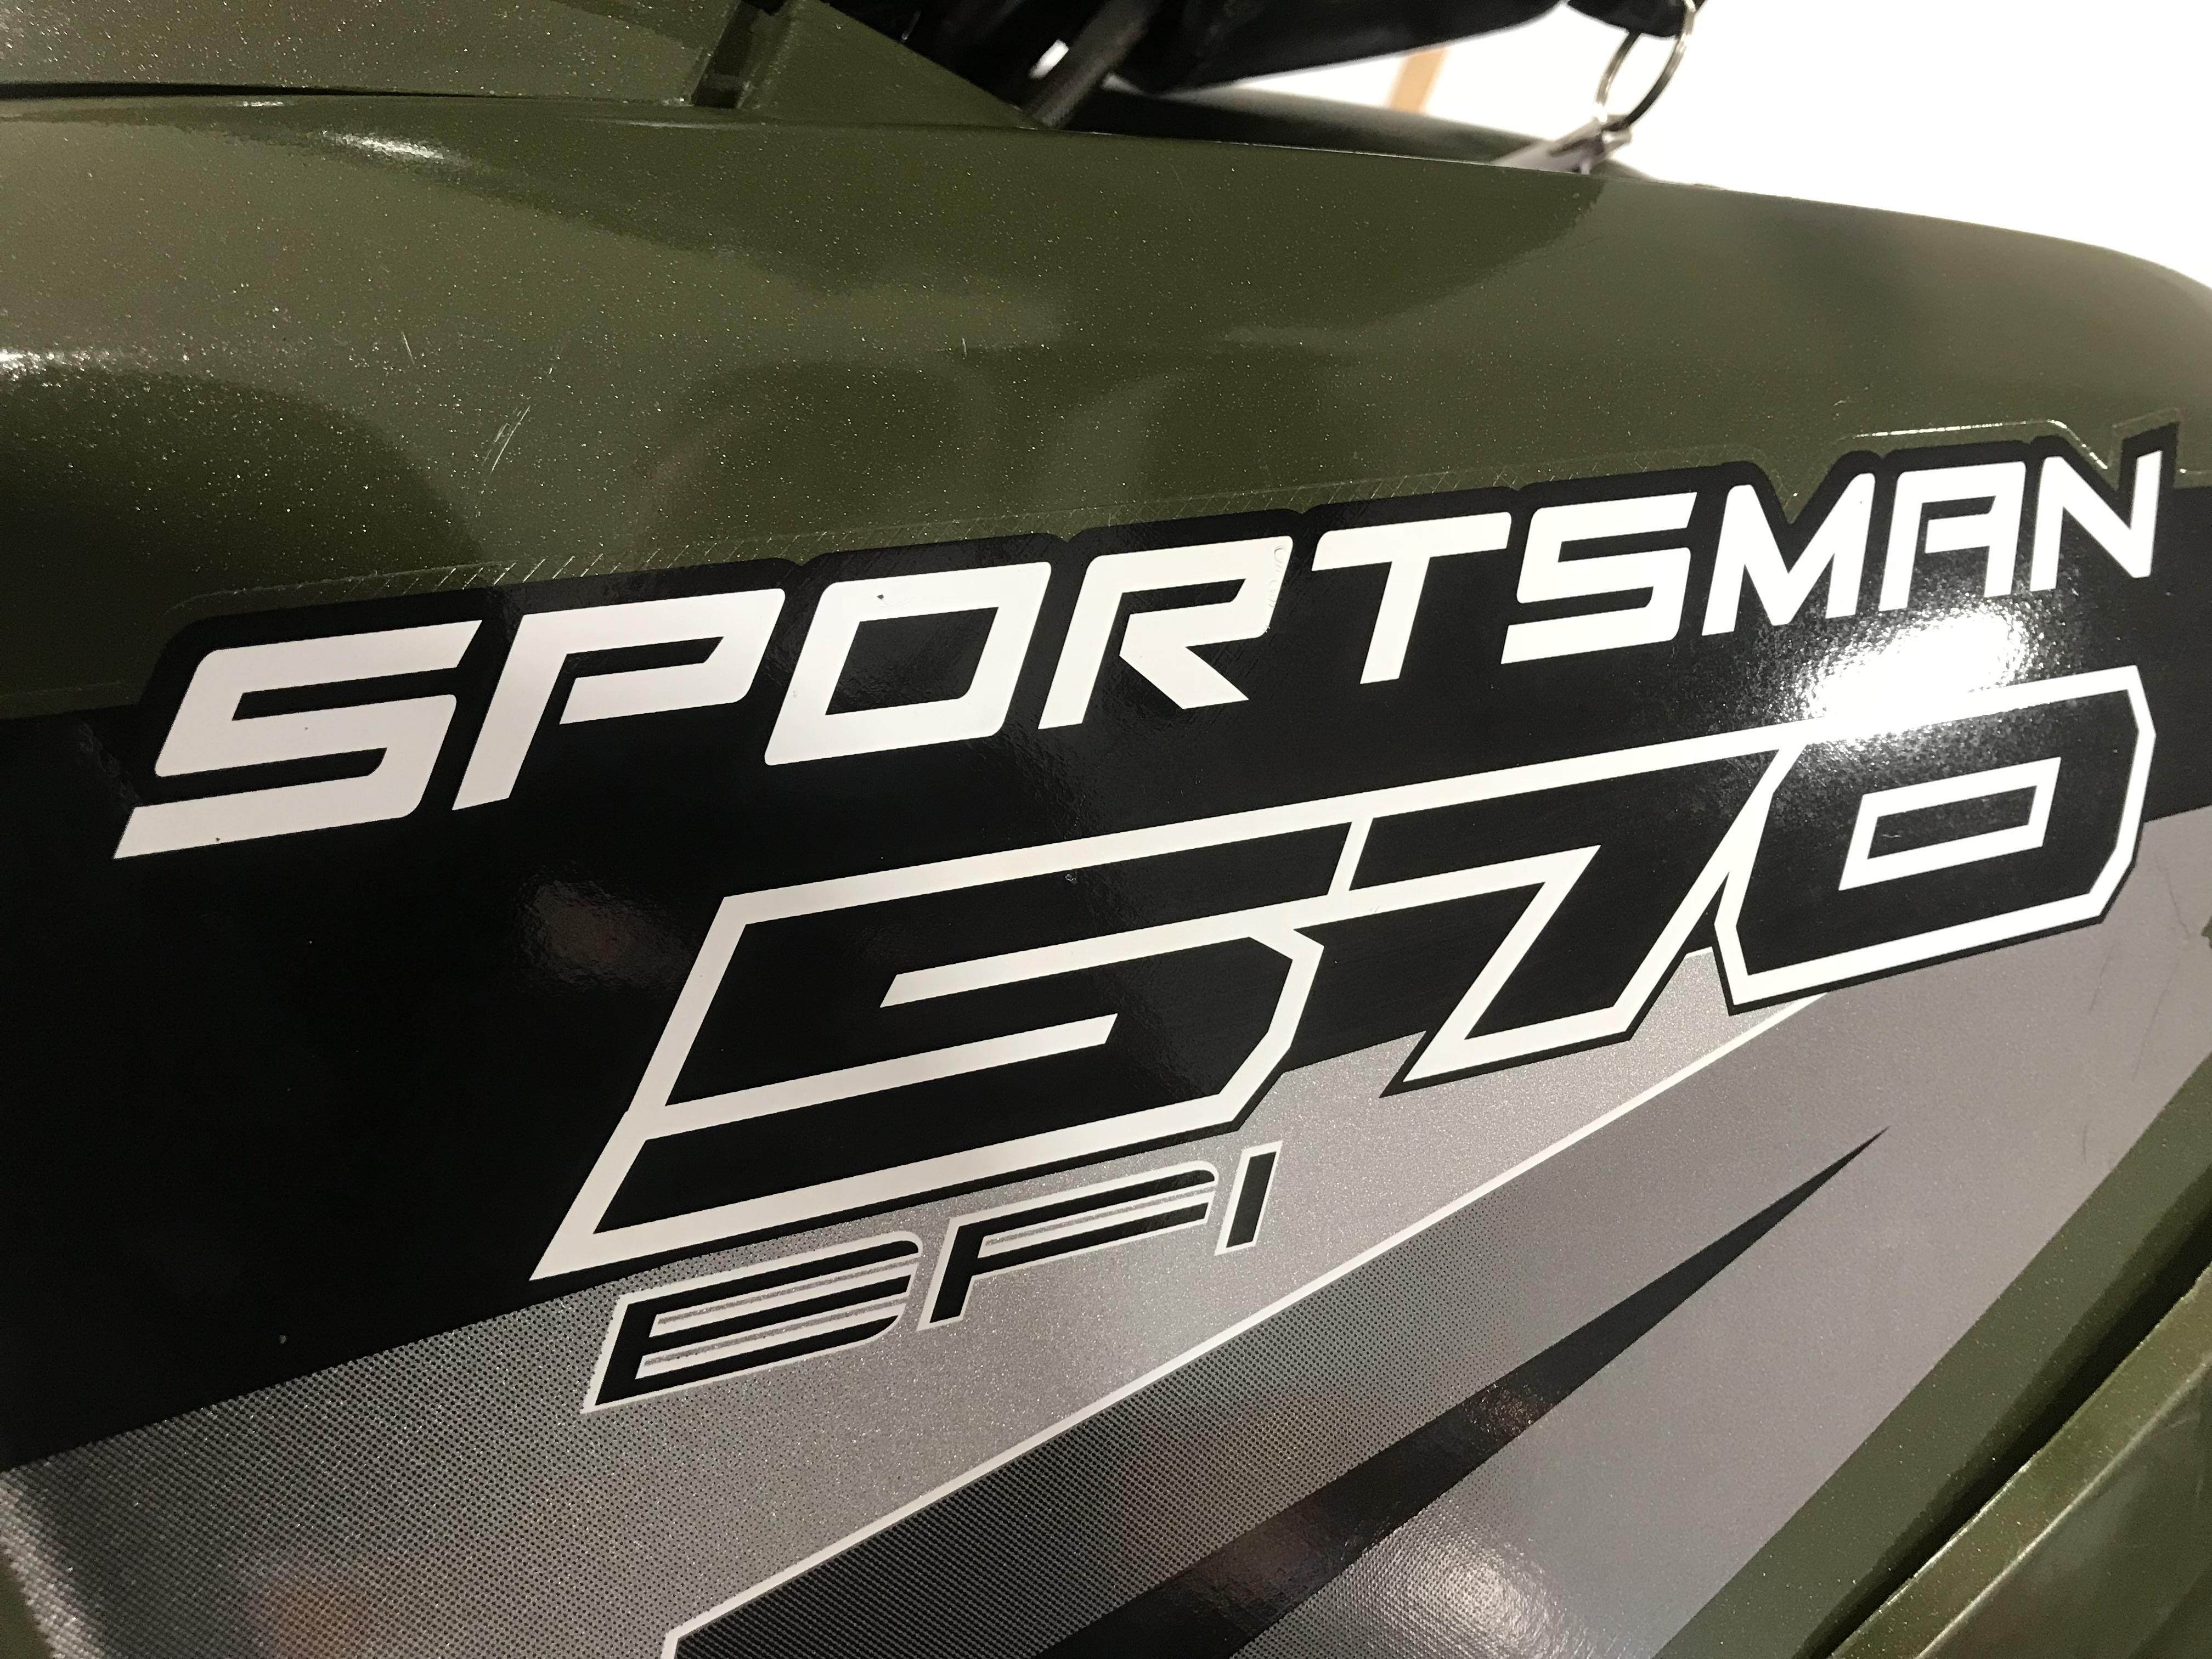 2017 Polaris Sportsman 570 EFI